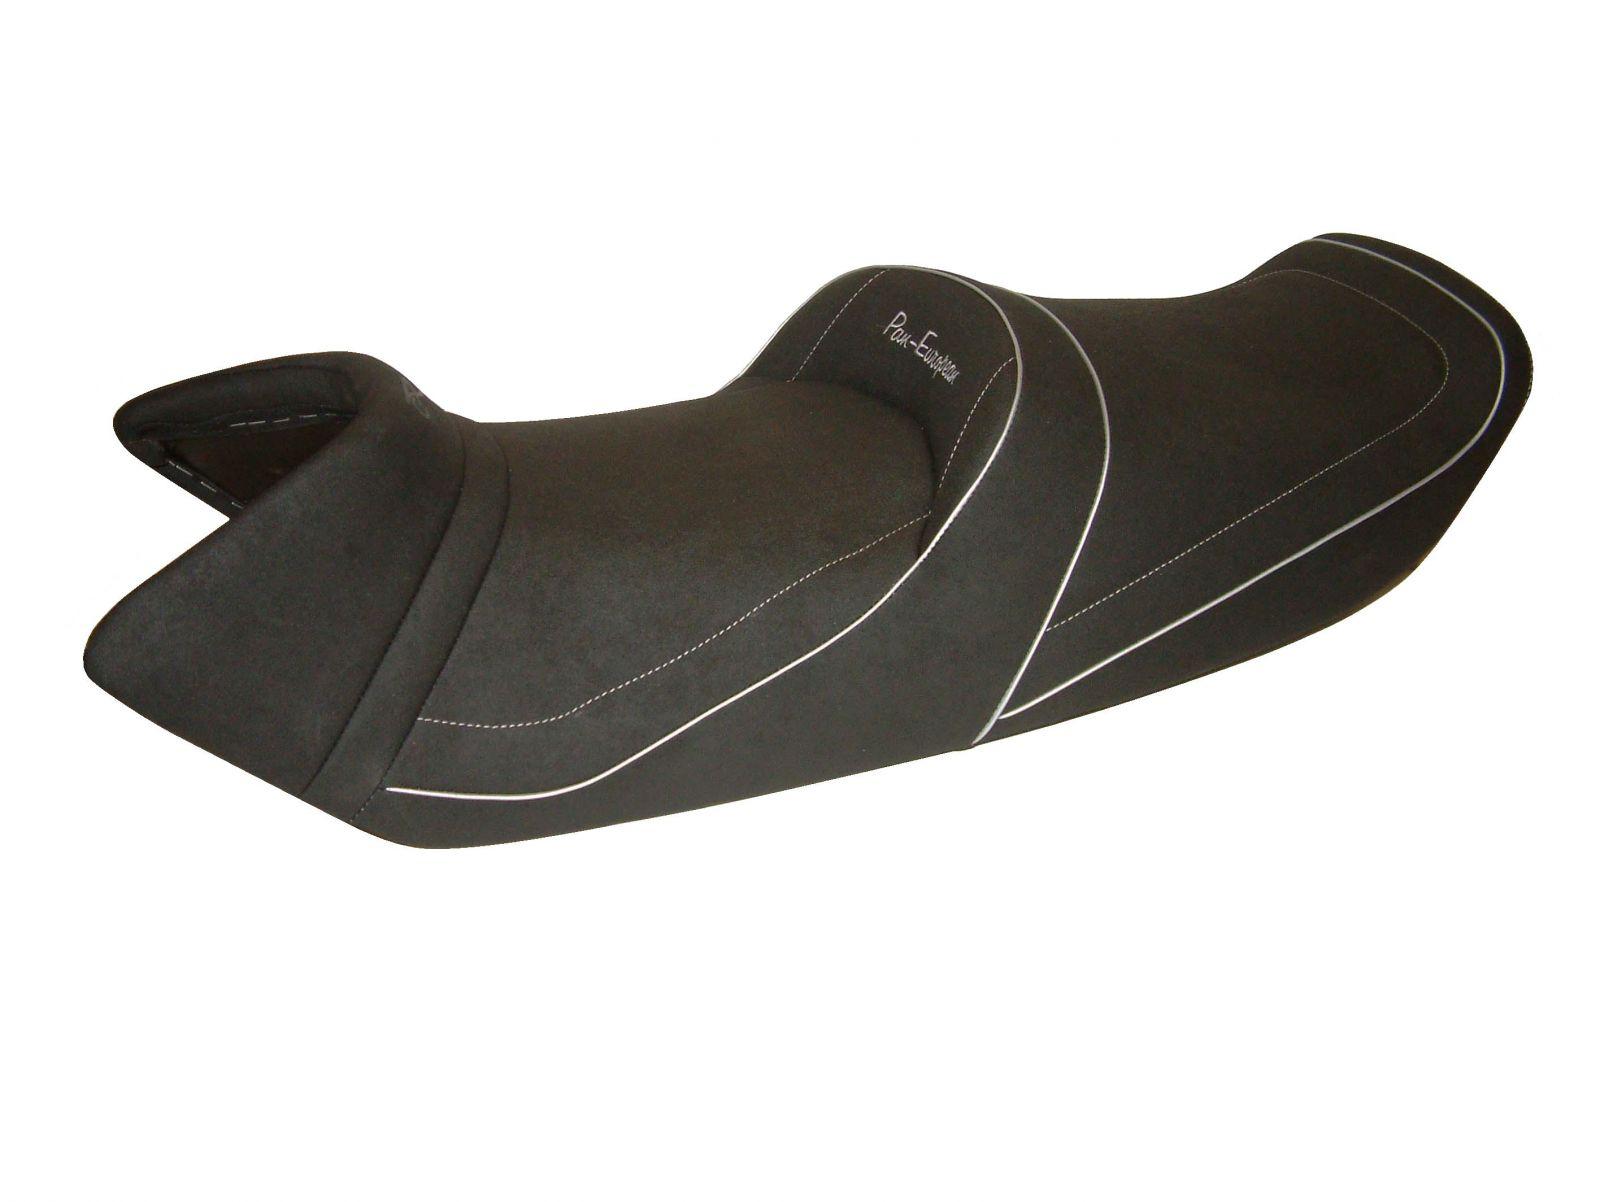 Sella Grande Confort SGC0105 - HONDA PAN EUROPEAN ST 1100 [1990-2001]